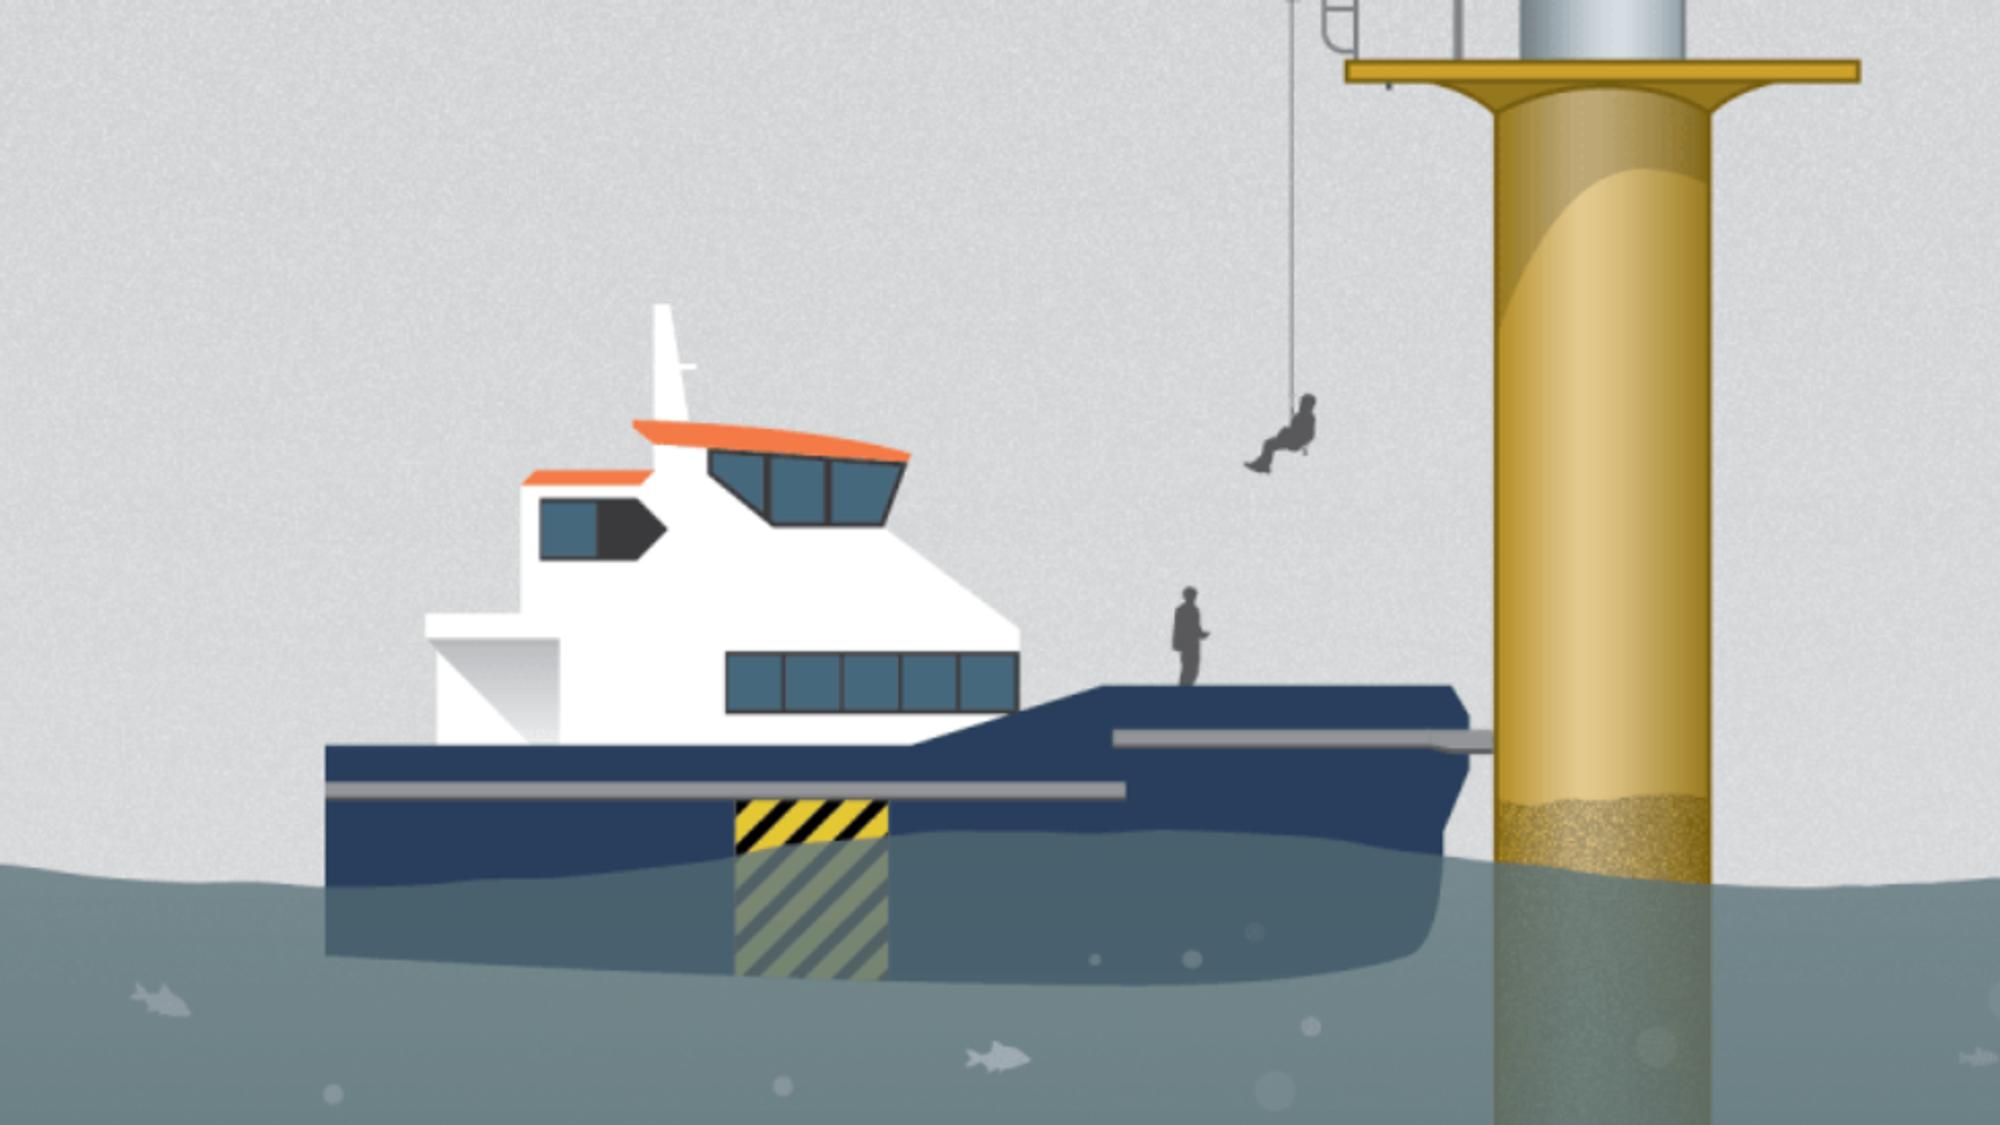 En tekniker heises opp i et mølletårn med Get Up Safe-systemet (GUS). En operatør på skipet under ham betjener systemet via en trådløs fjernkontroll.I dag må teknikerne klatre opptil 20 meter for å komme opp til møllens plattform.